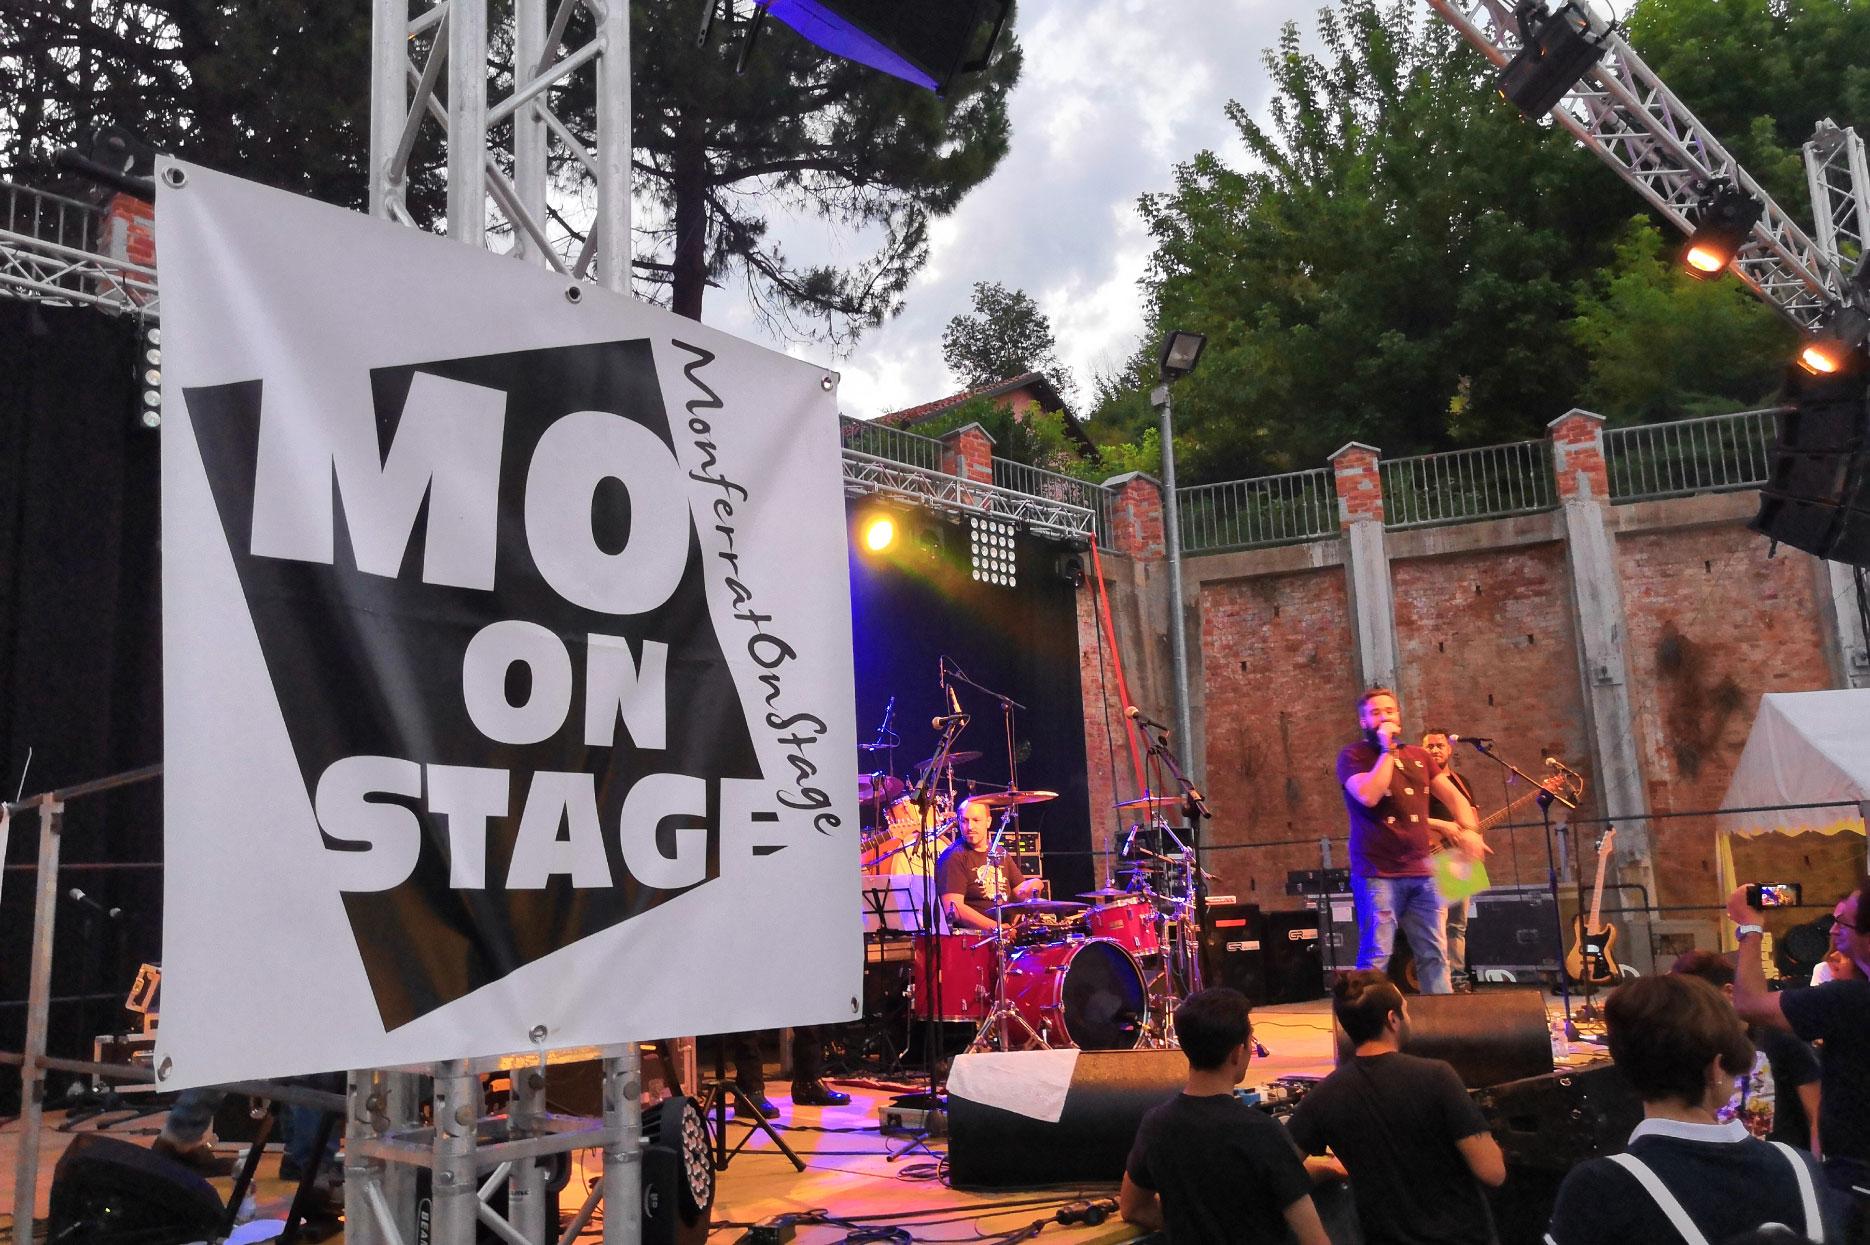 Monferrato stage Cocconato